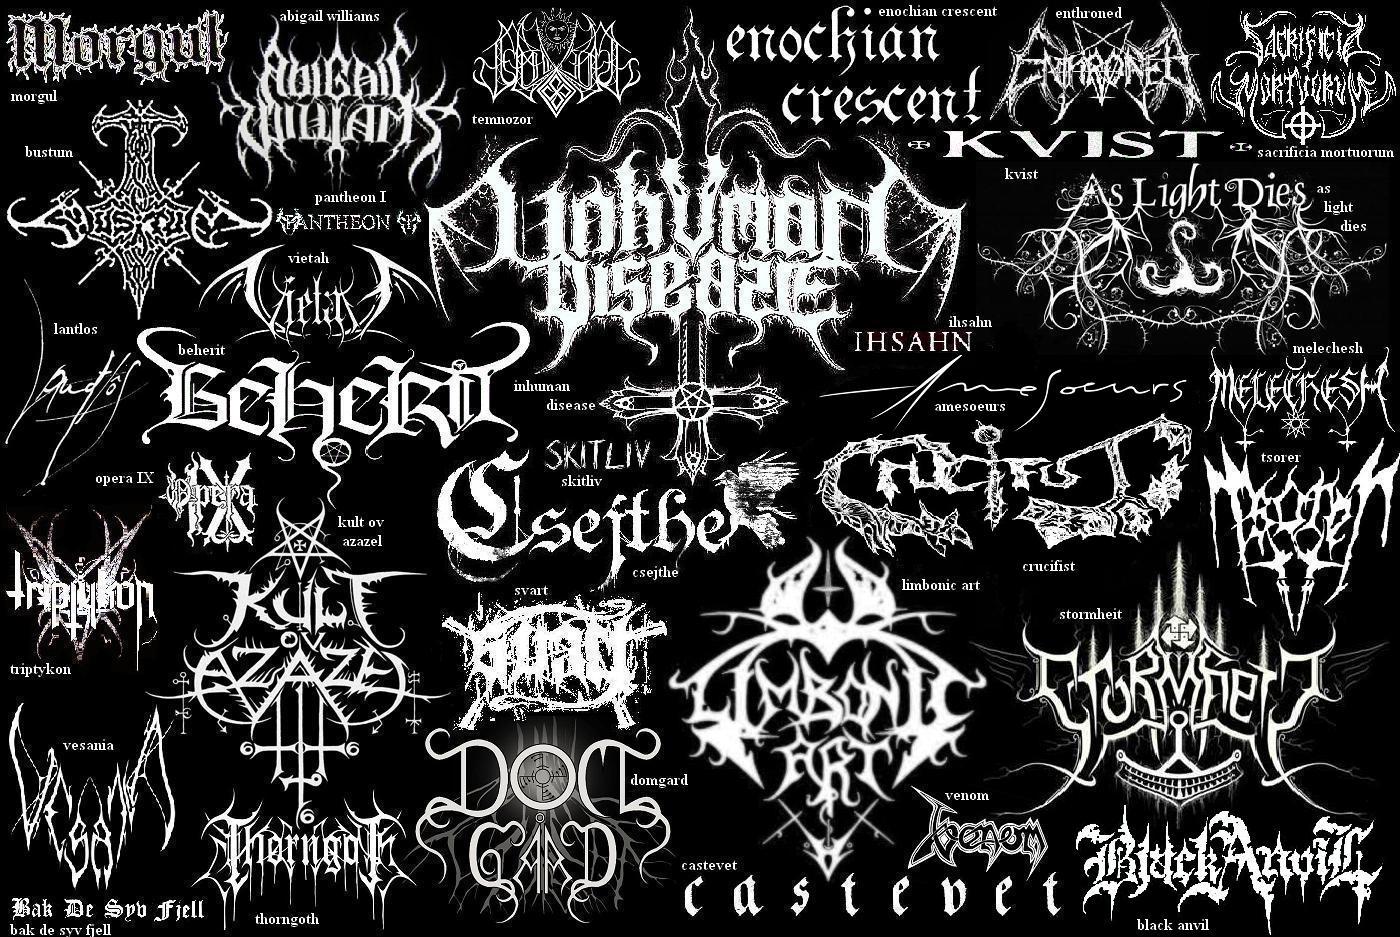 how to create a black metal logo